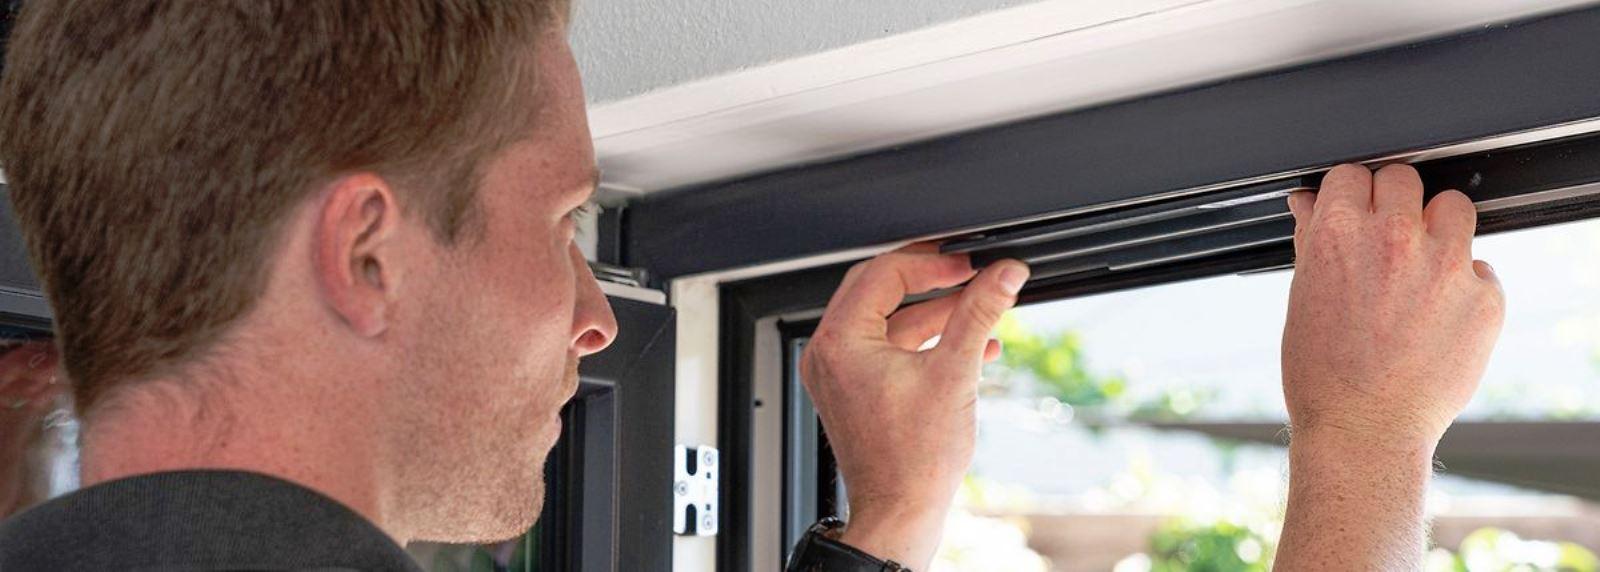 Большой потенциал Rehau Smart Guard После простой установки система Smart Guard полностью настроена и сразу начинает работать в полноценном функциональном объеме, заметно повышая безопасность соответствующего объекта в плане несанкционированных проникновений через окна ПВХ.